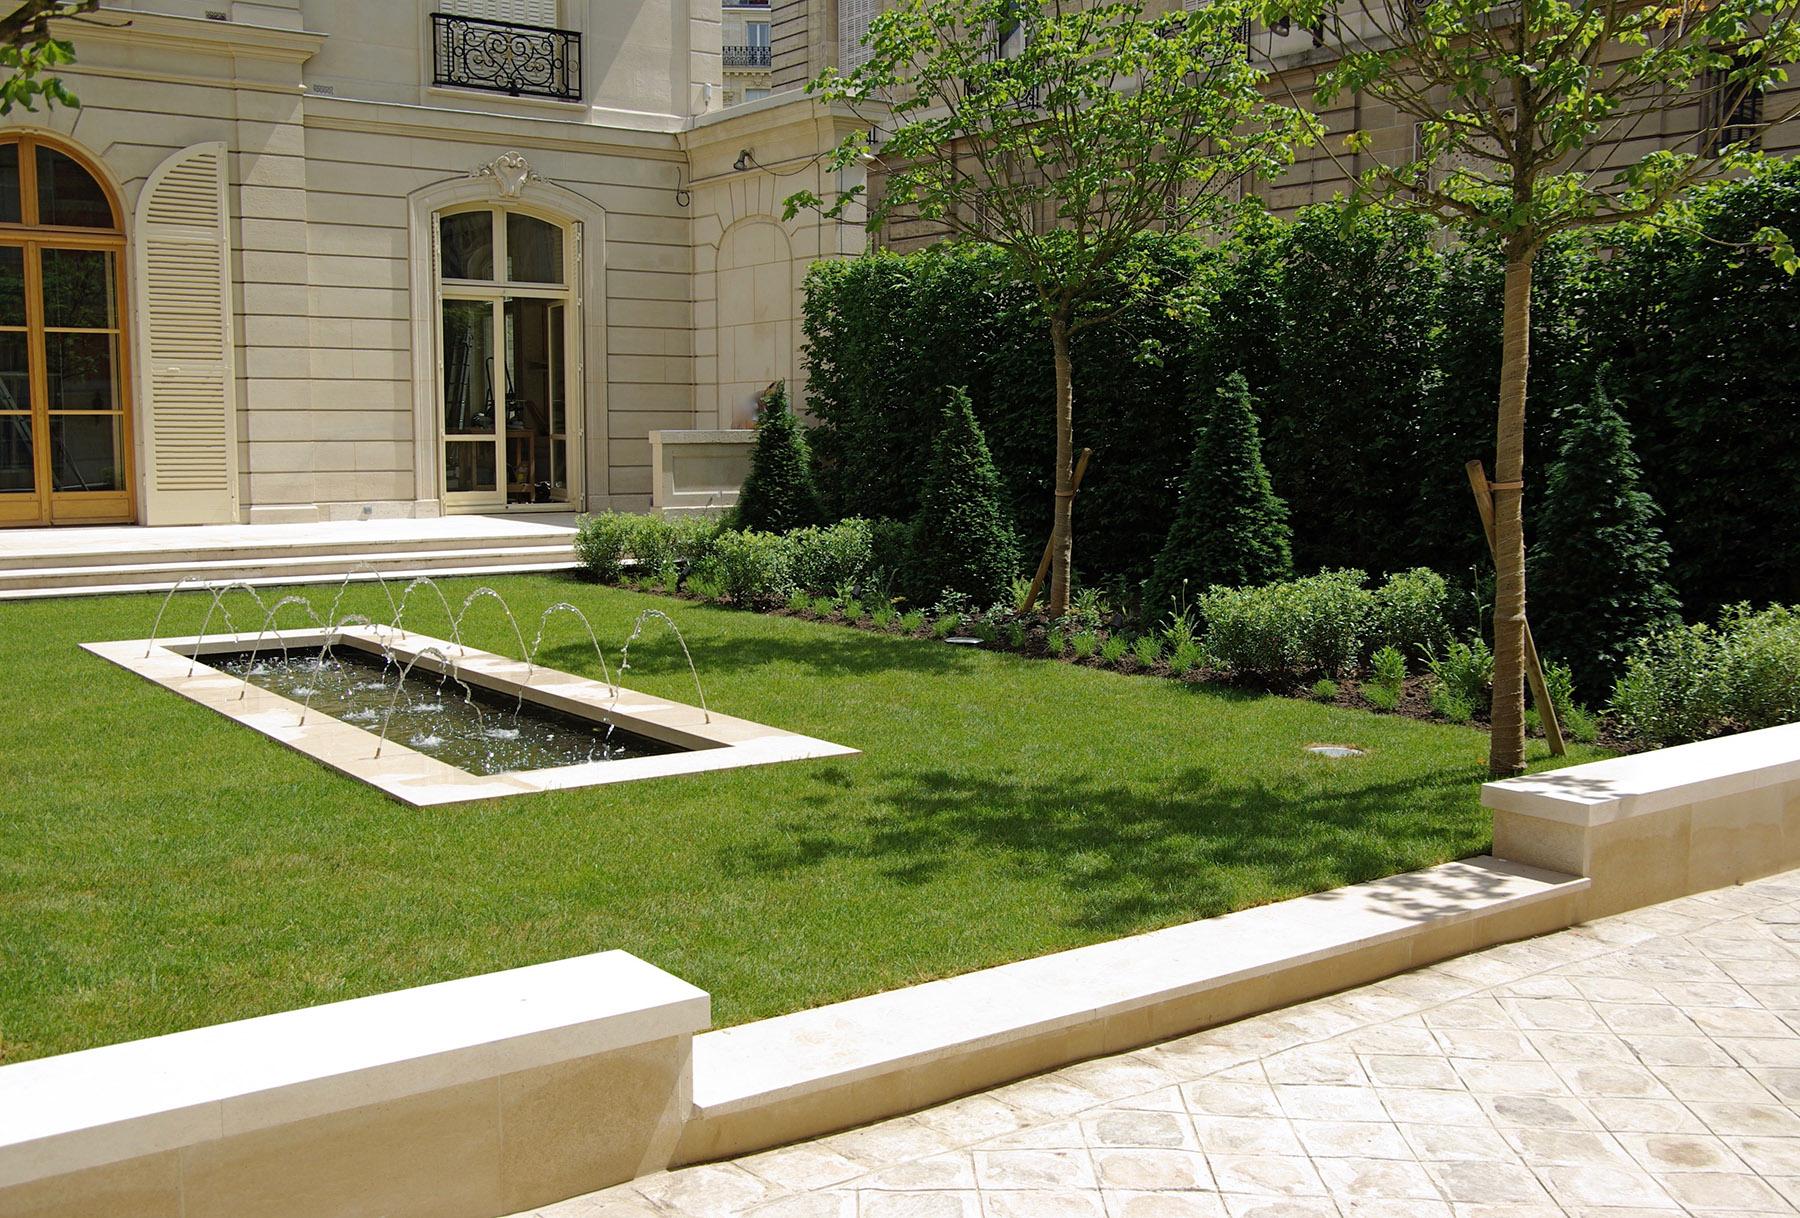 Jardin classique a la francaise Luxe Paris Olivia Bochet